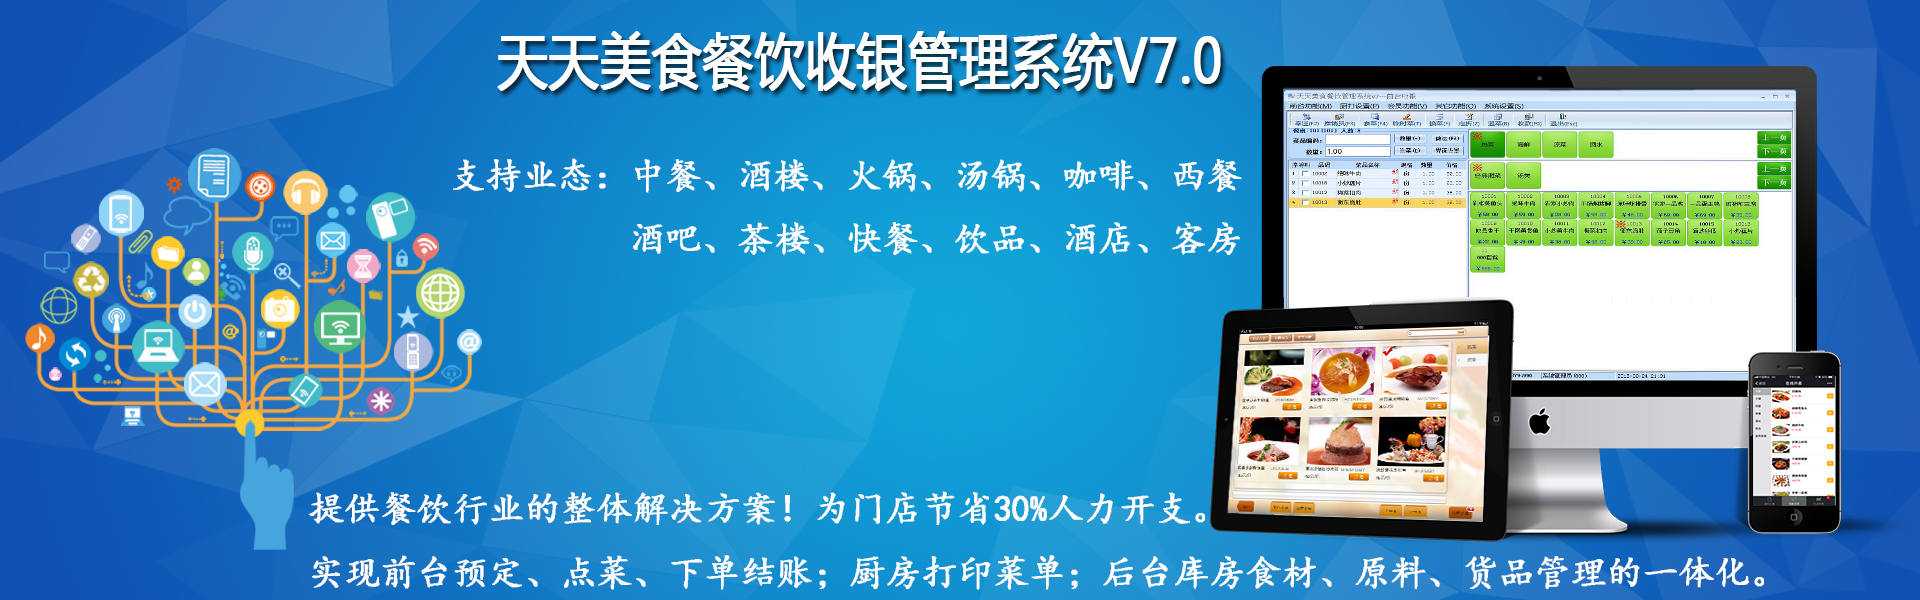 重庆餐饮软件